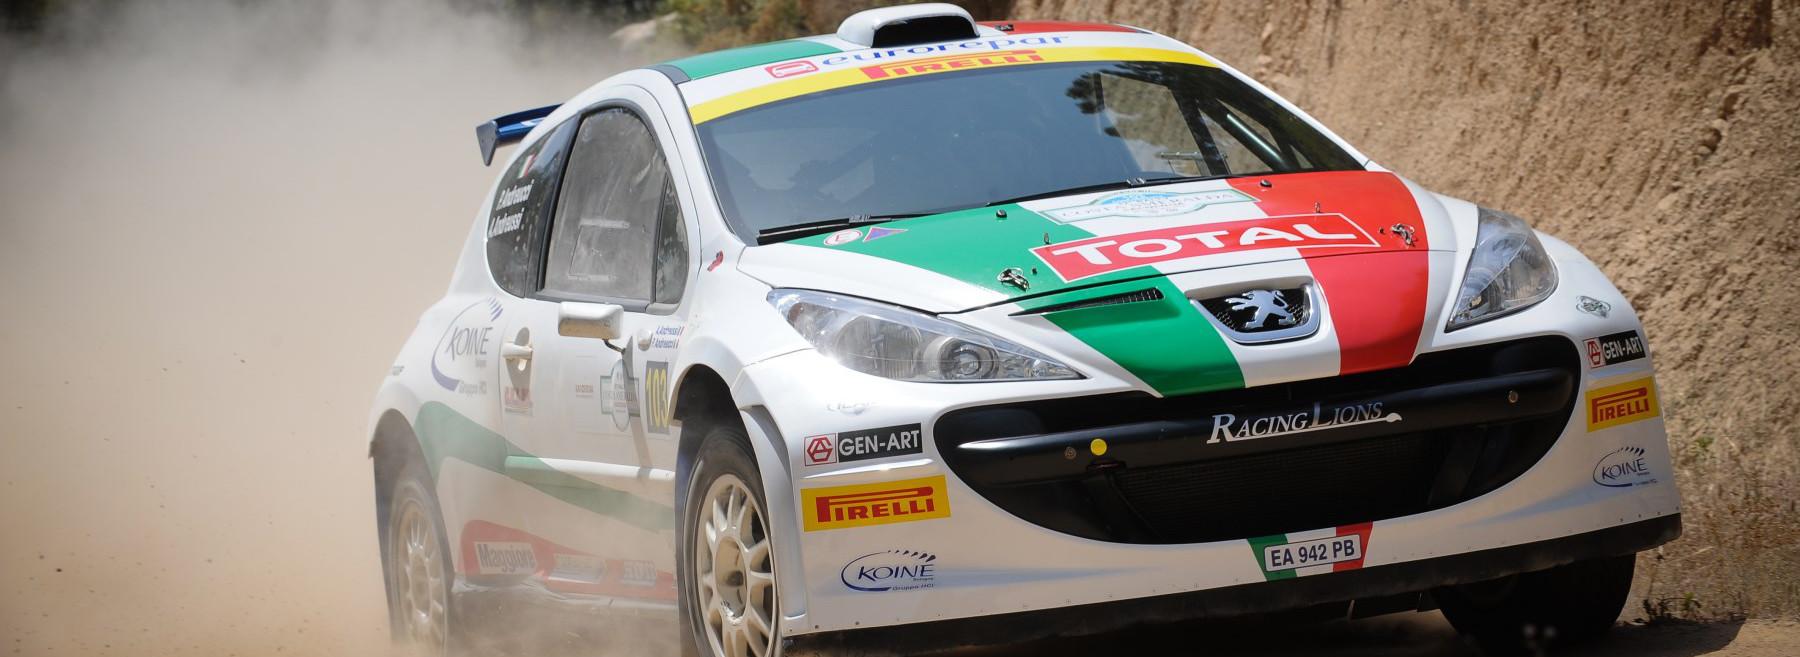 Delphina Settembre in Sardegna con il 33° Rally Costa Smeralda  Sardegna